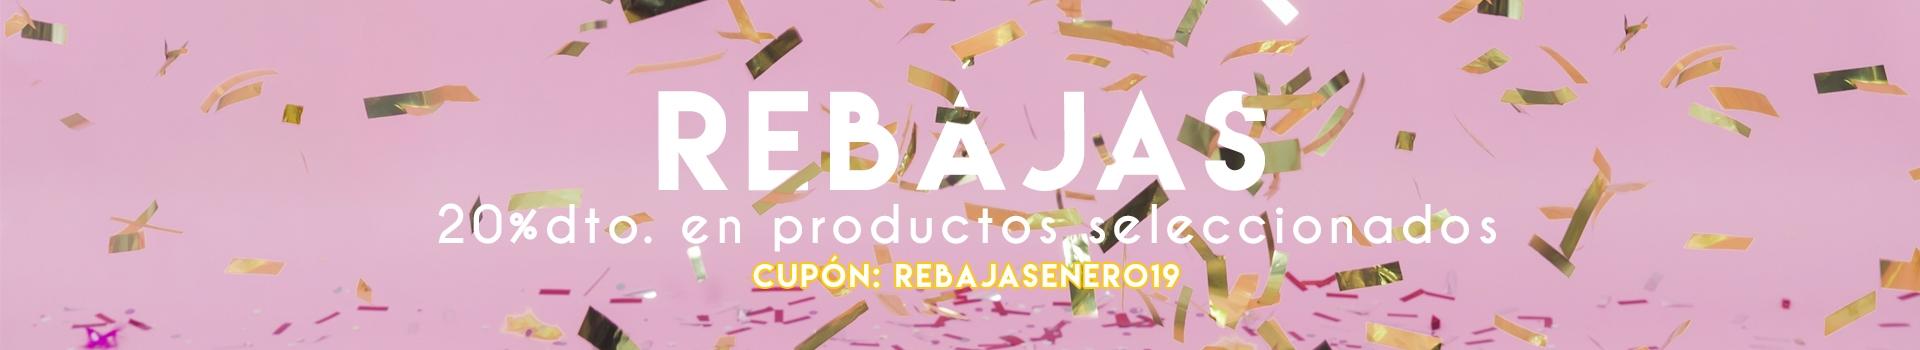 adaptacion-banner-rebajas-080119-2